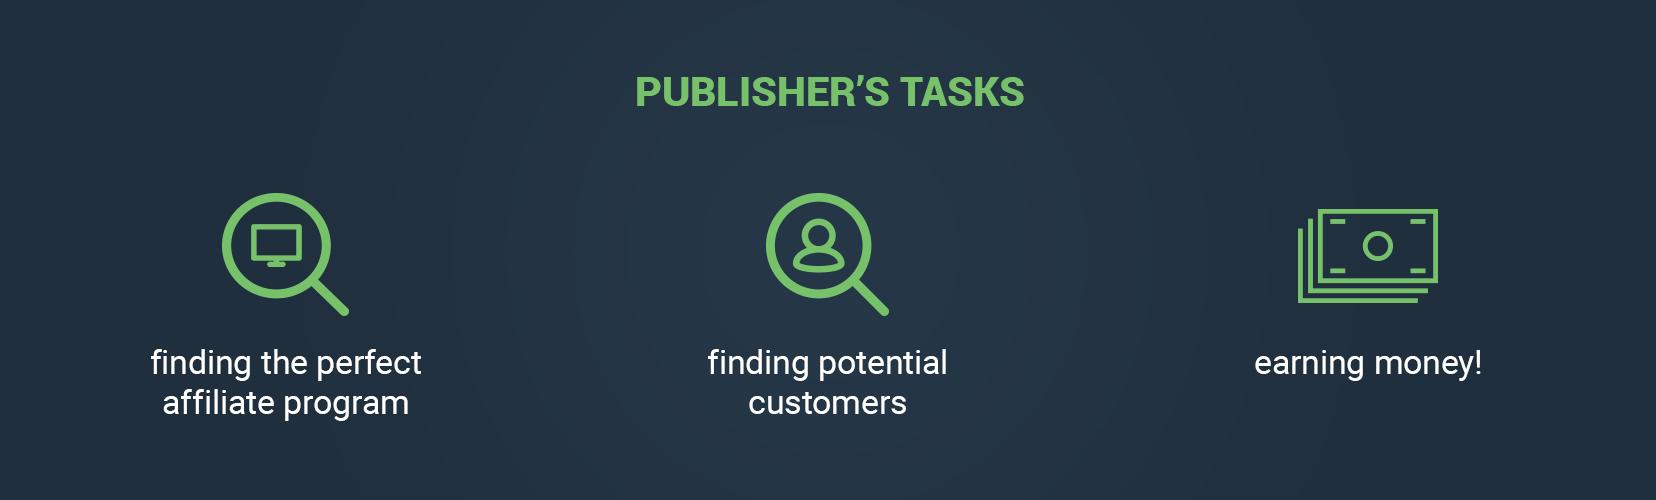 tasks.png